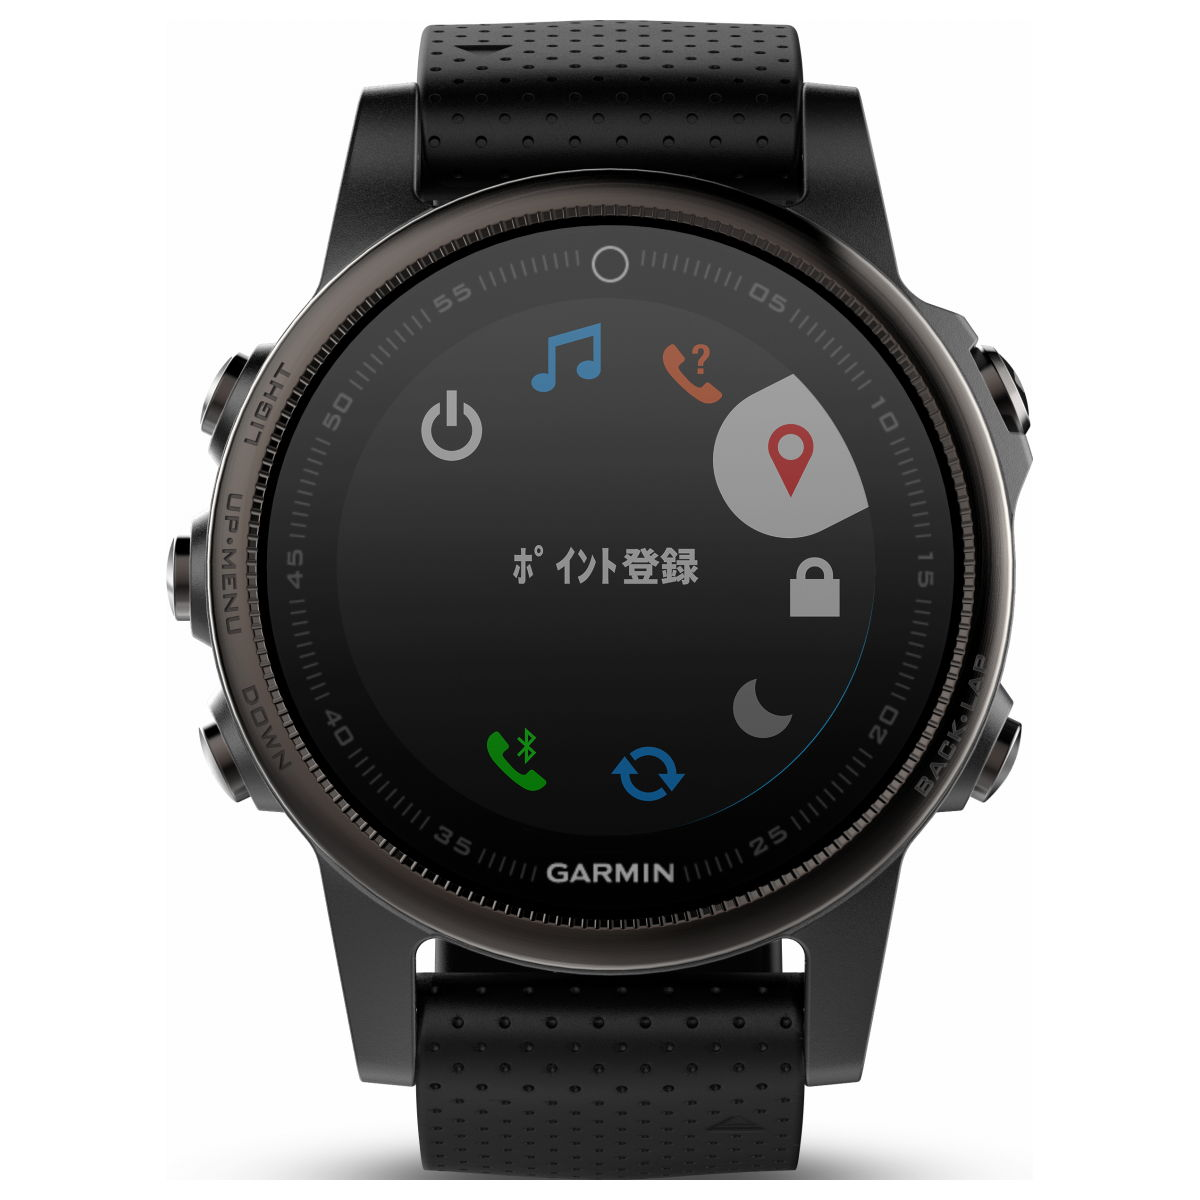 ガーミン GARMIN フェニックス 5S fenix 5S Sapphire Black スマートウォッチ ウェアラブル端末 腕時計 メンズ レディース 010-01685-44